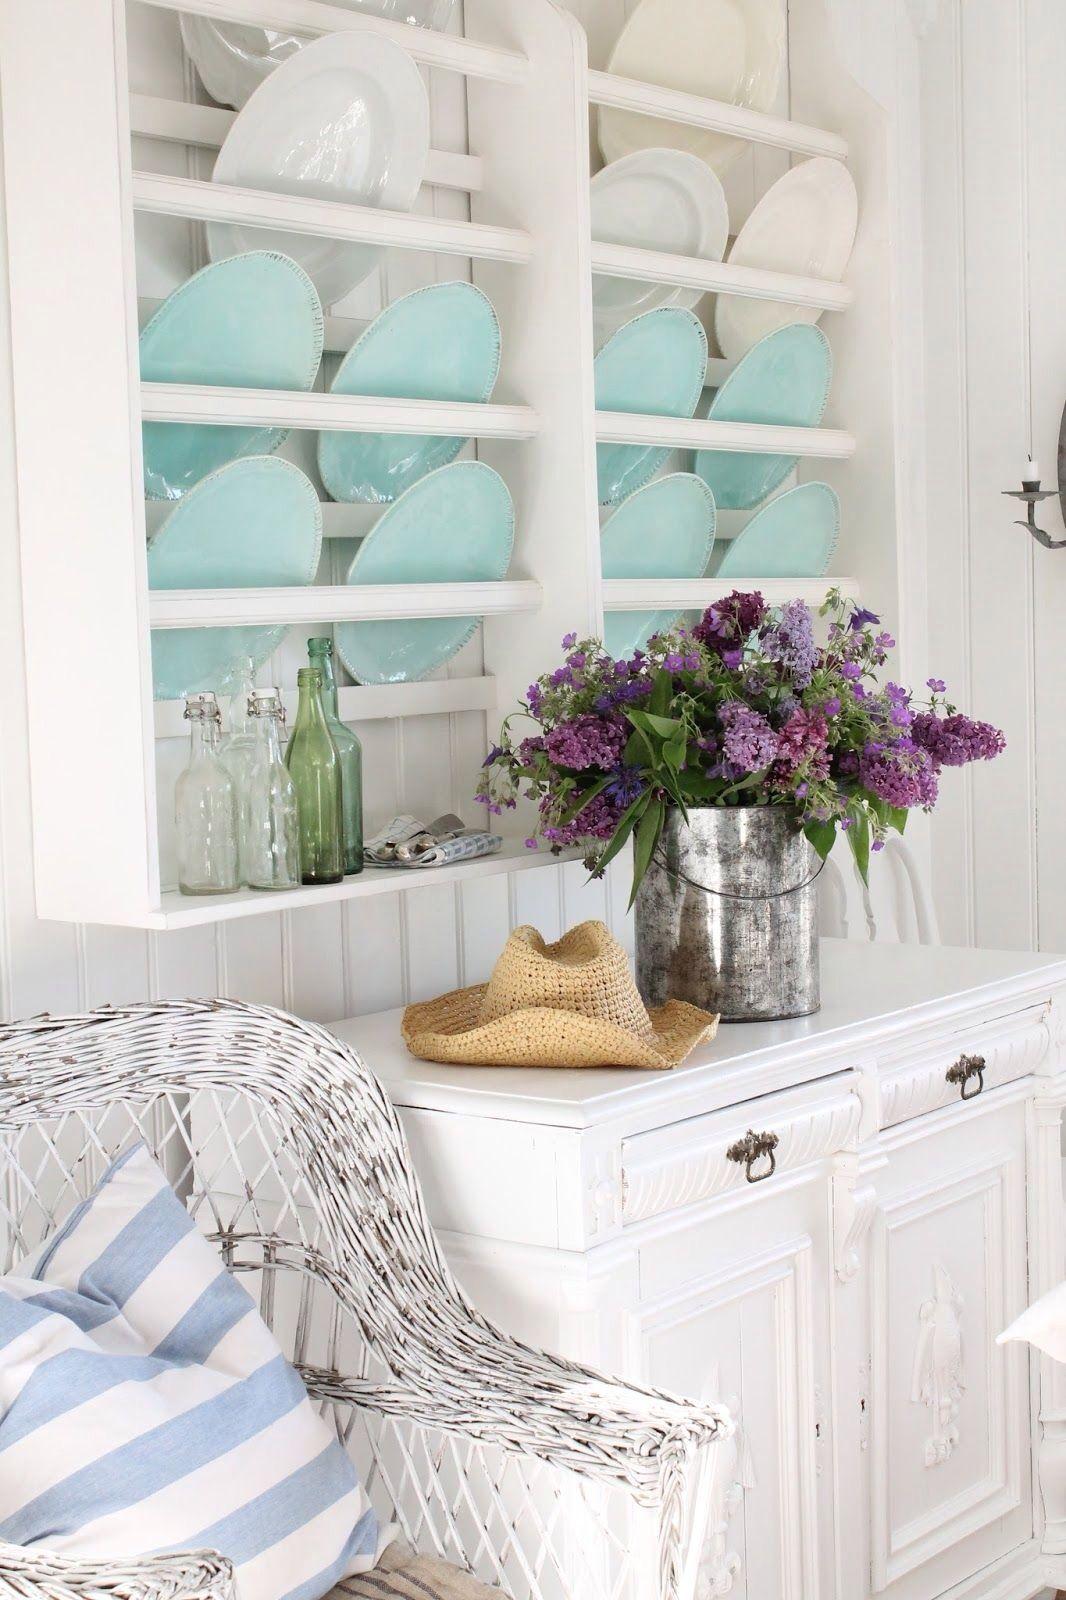 Shabby chic shabby chic loves pinterest shabby shabby chic decor and kitchens - Pinterest shabby chic kitchens ...